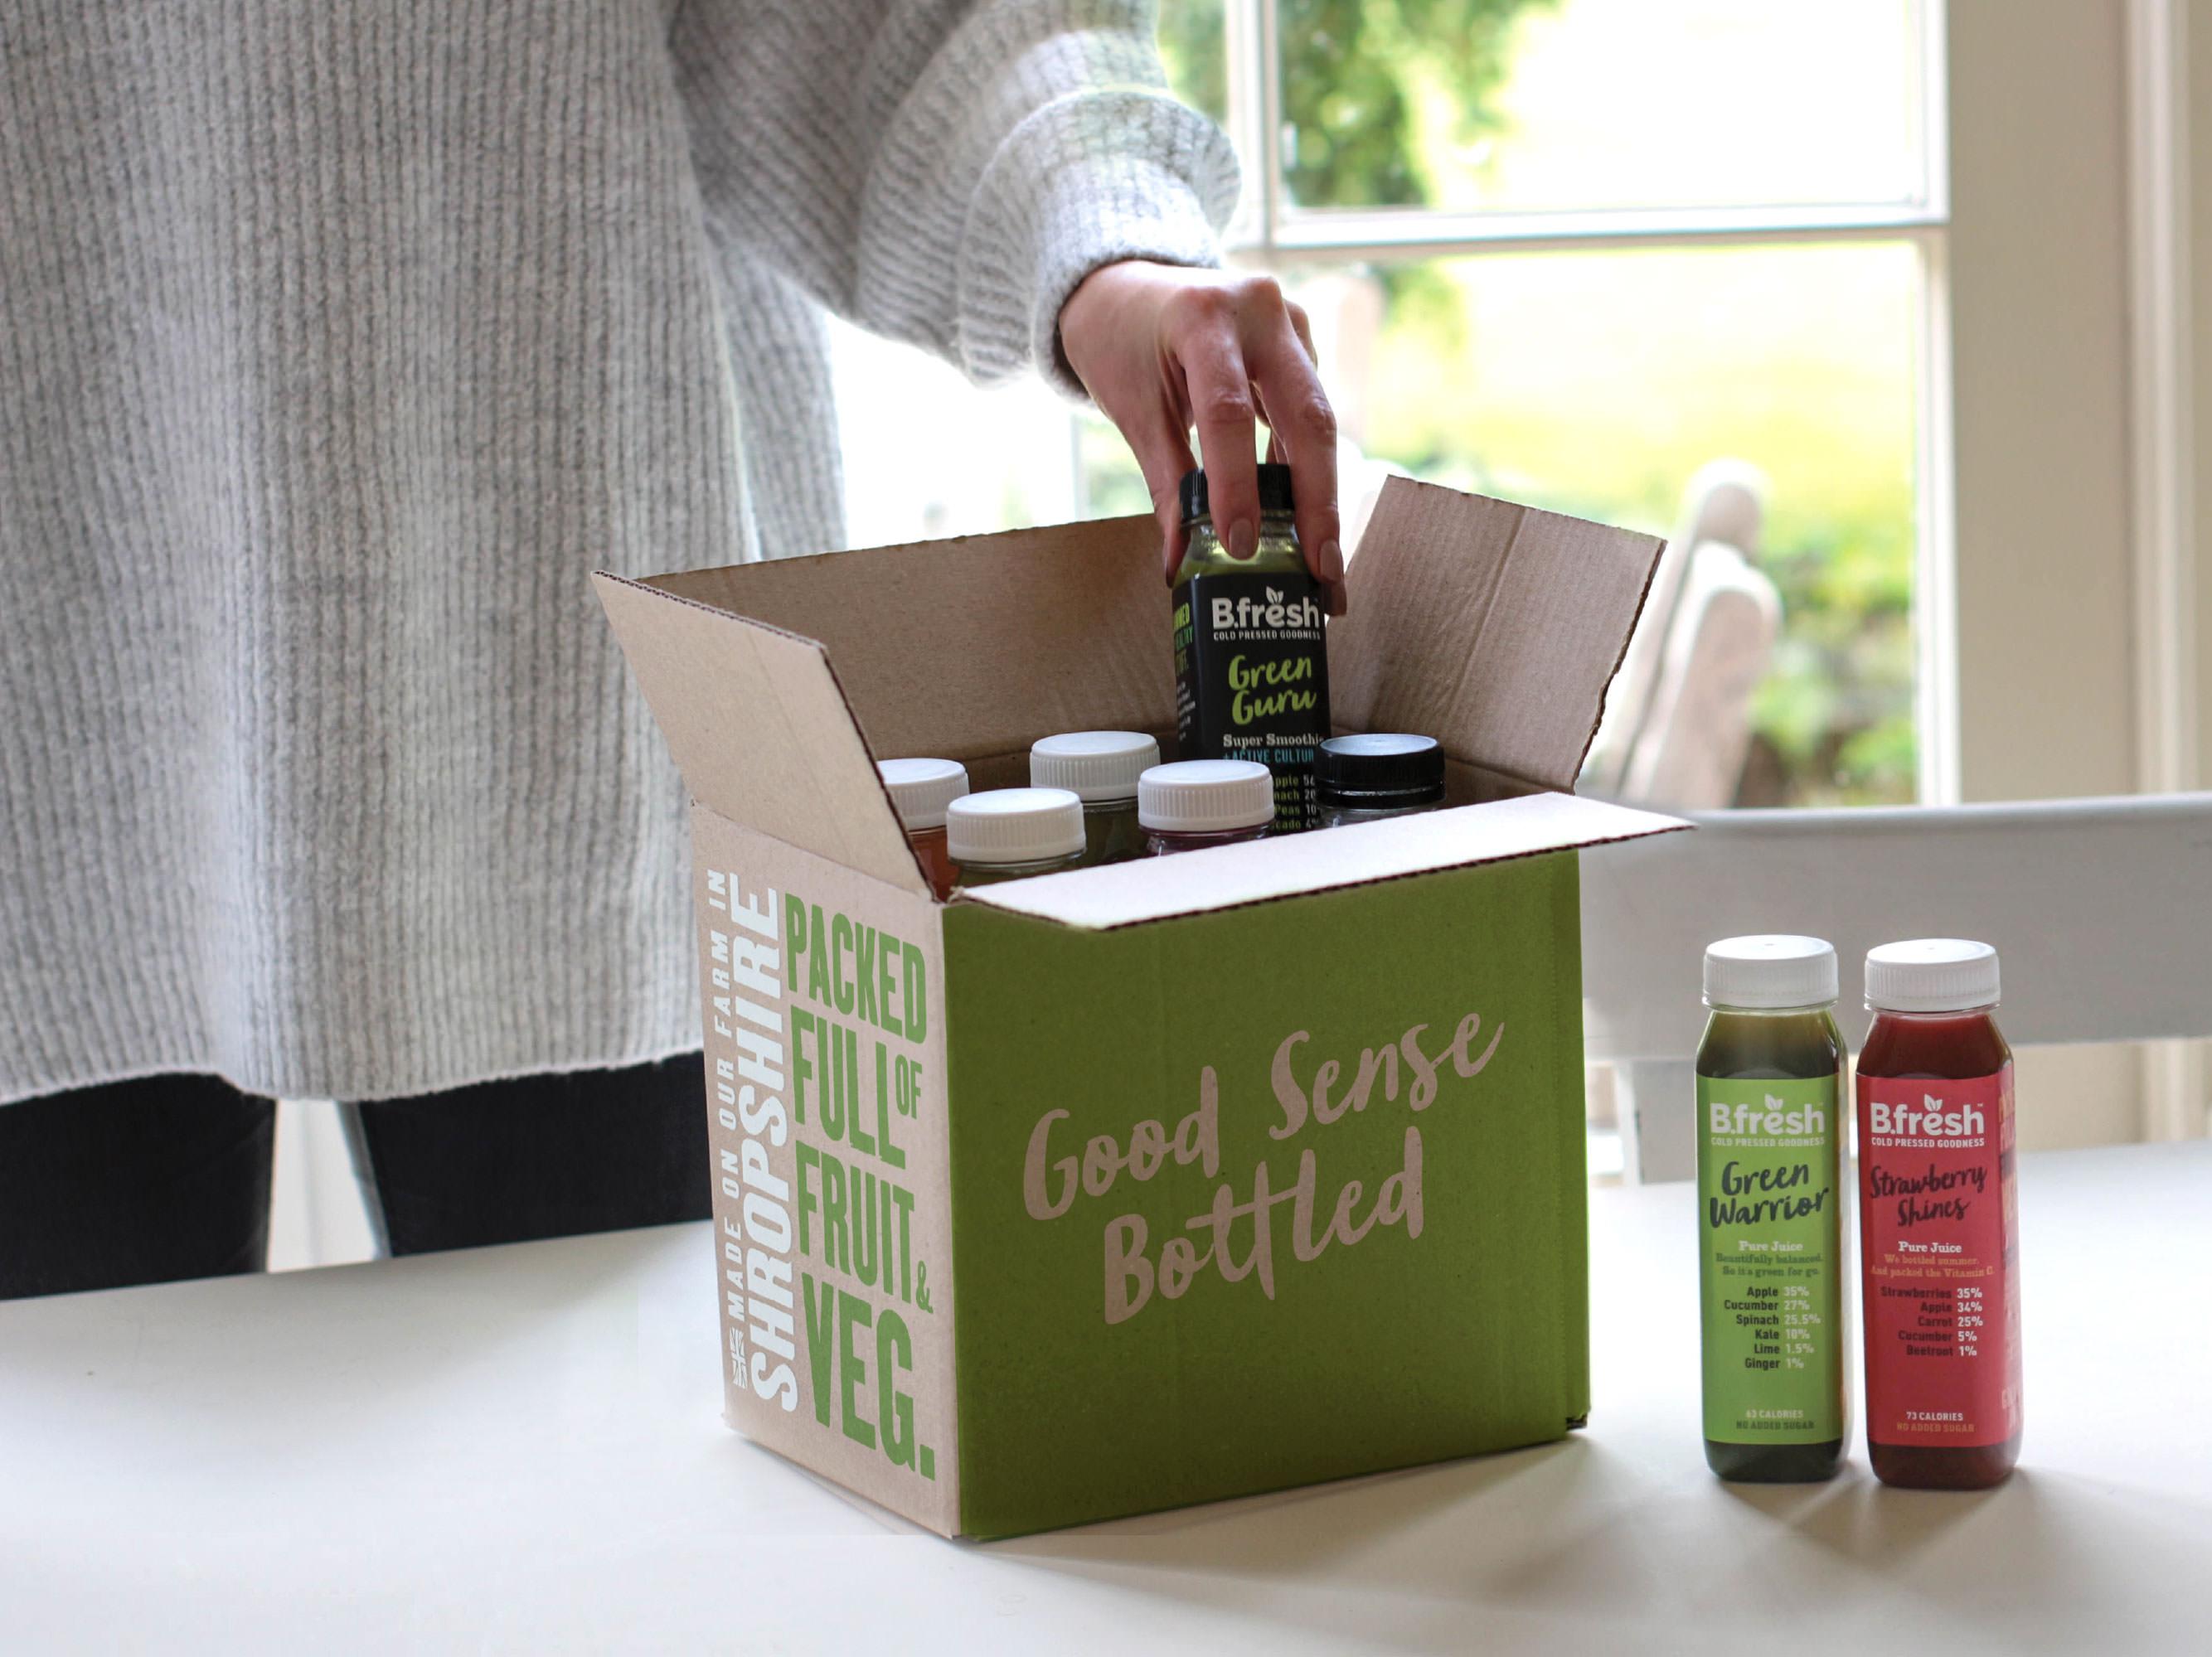 bfresh-box